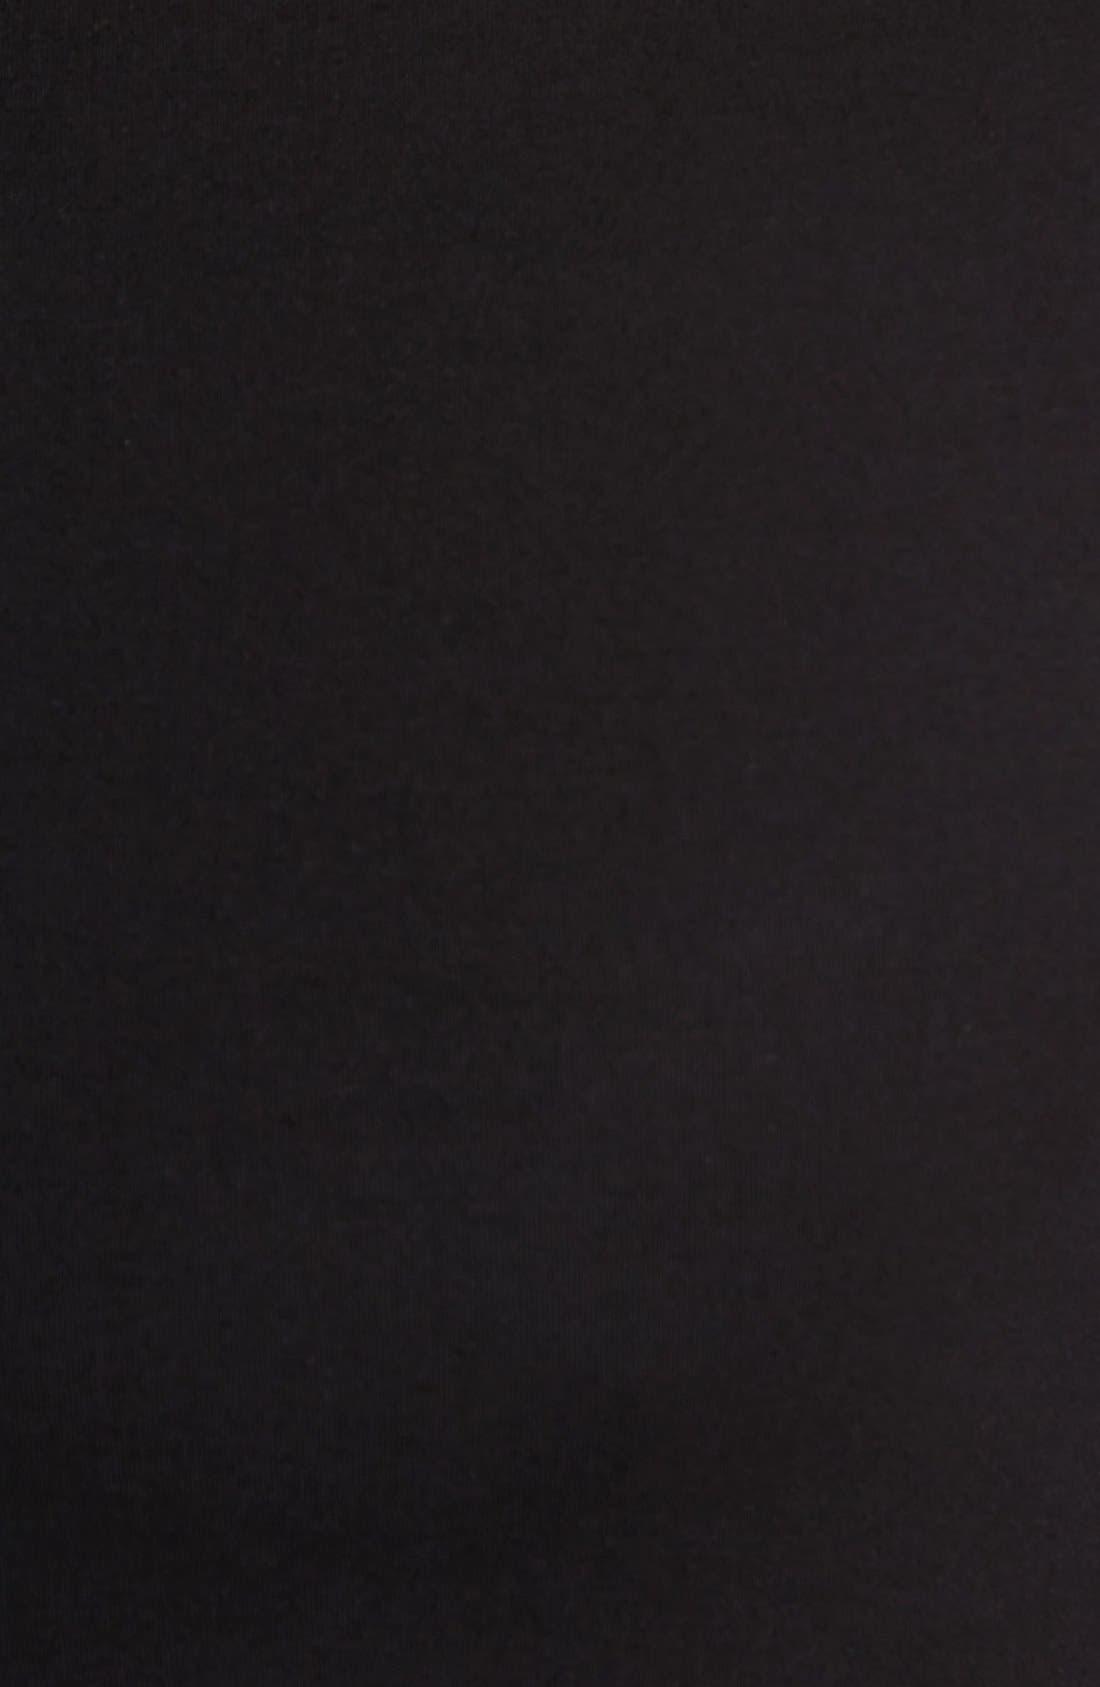 Crewneck Cotton Compression T-Shirt,                             Alternate thumbnail 3, color,                             BLACK